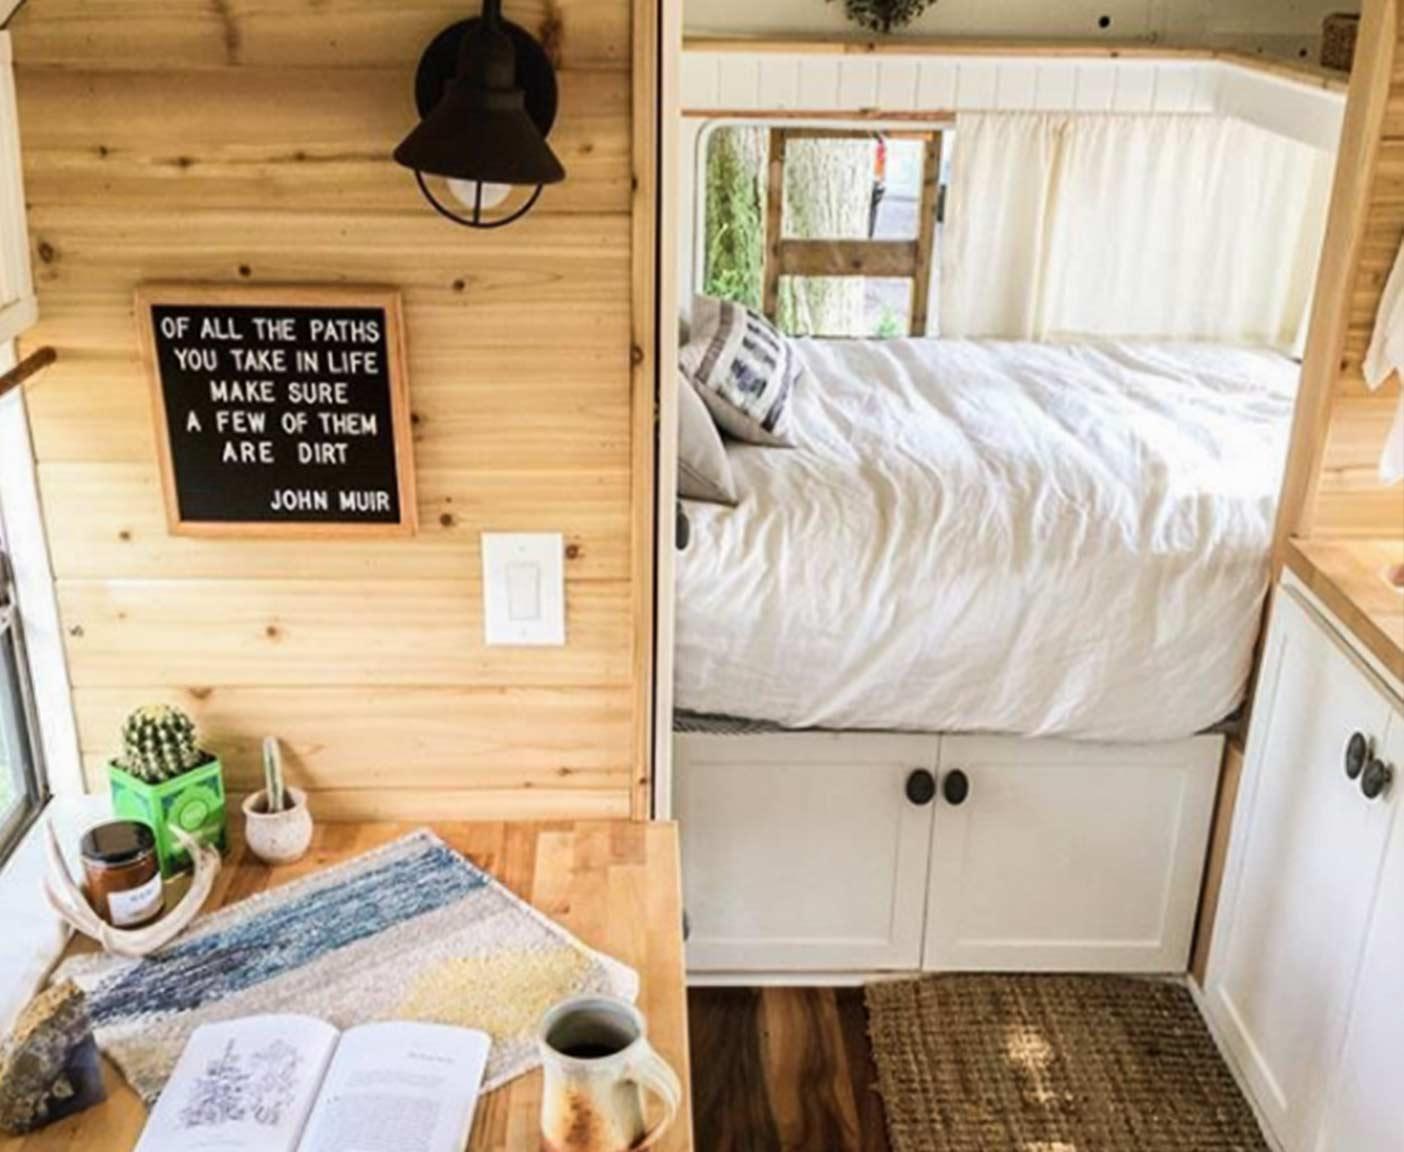 wohnmobil-ausbau-camper-ausbauten-selbstausbau-FerntheBus